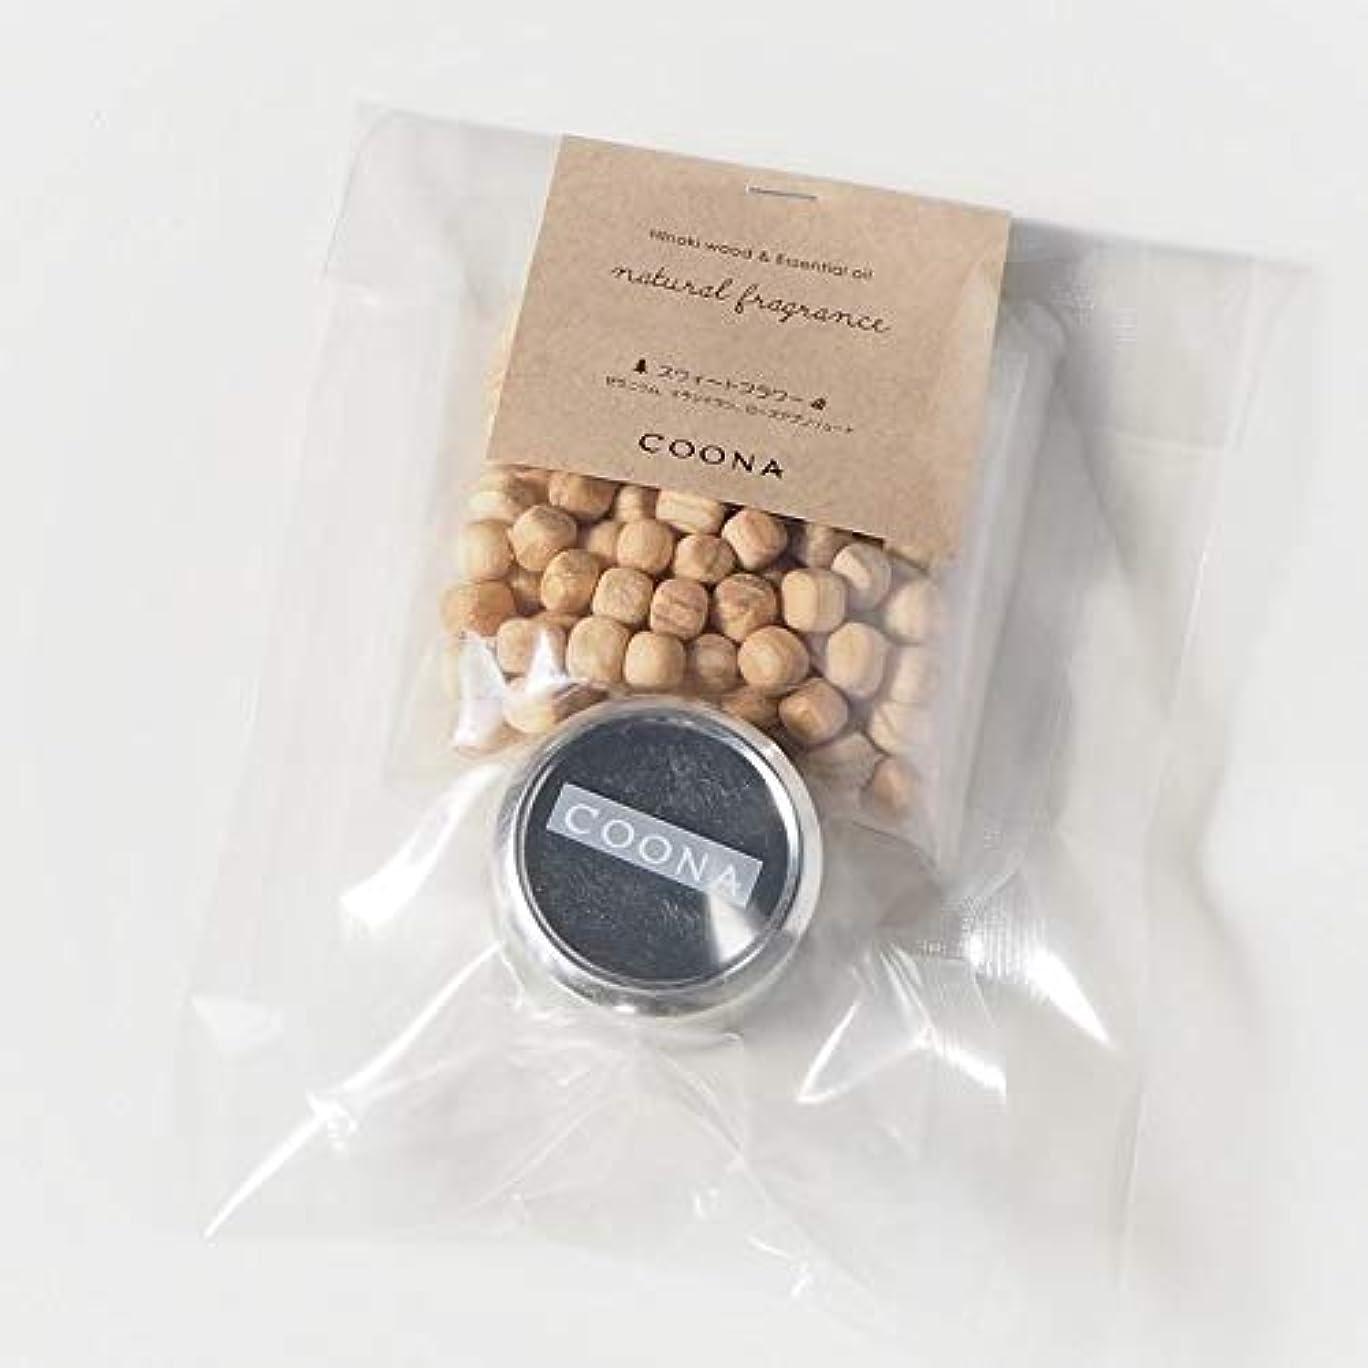 フィヨルド飢えた写真を描くヒノキ ウッド& エッセンシャルオイル ナチュラルフレグランス (メタル缶付き, ファインオレンジ)